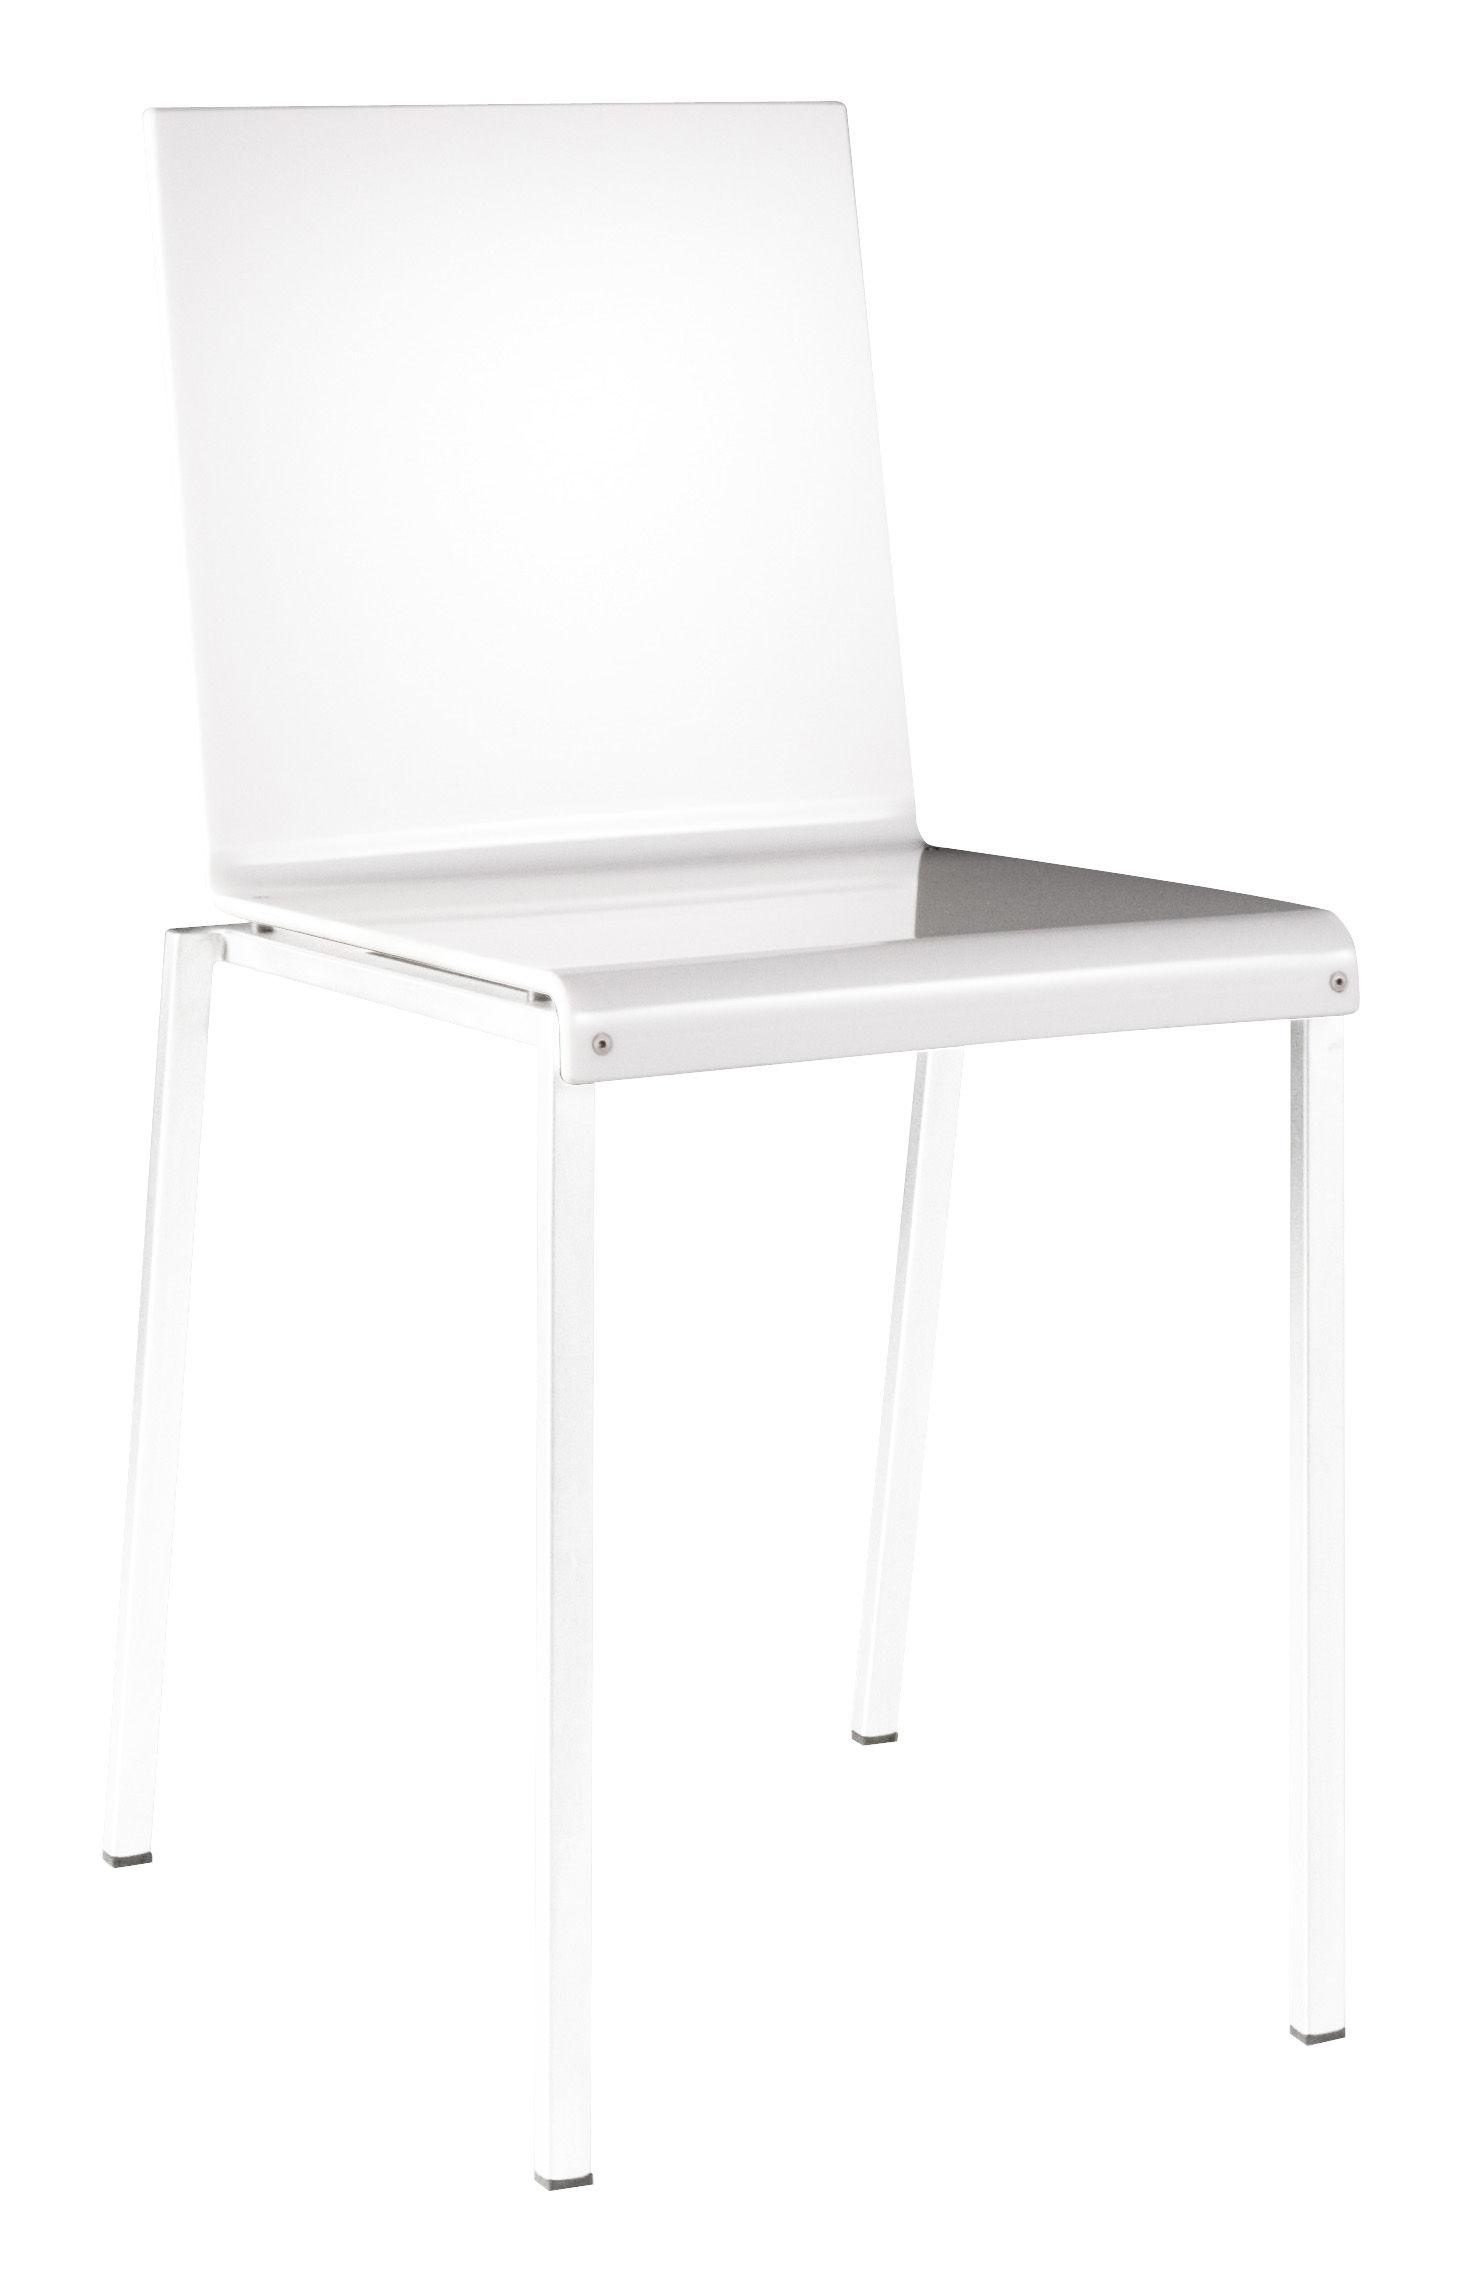 Arredamento - Sedie  - Sedia Bianca - colore brillante - Monocromatico di Zeus - Seduta bianco lucido / Gambe bianche - Acciaio, Resina acrilica